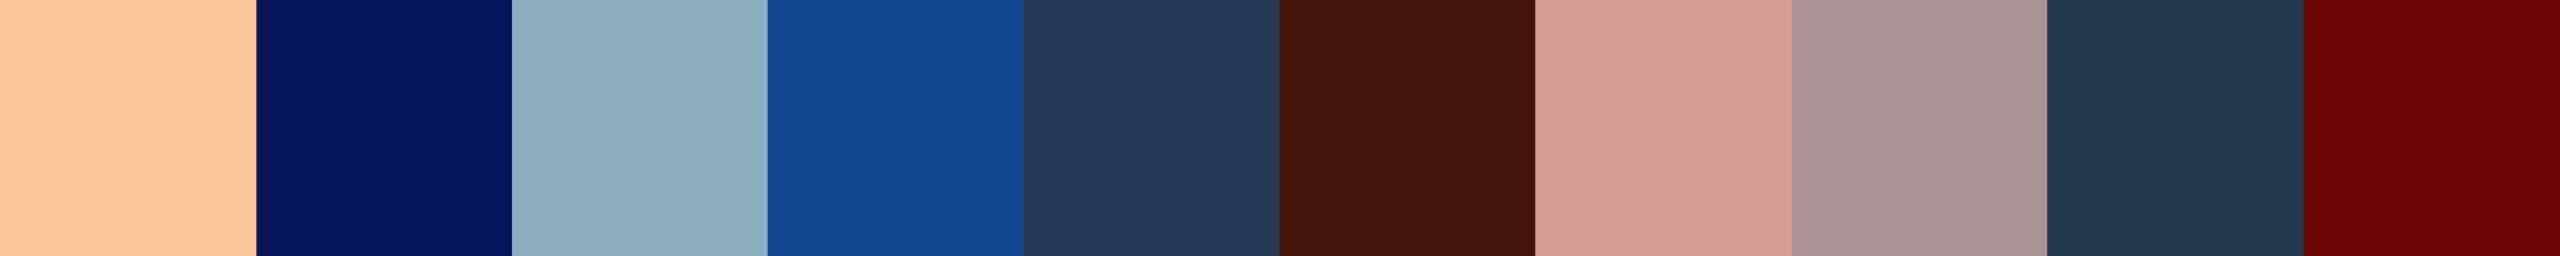 147 Meracora Color Palette